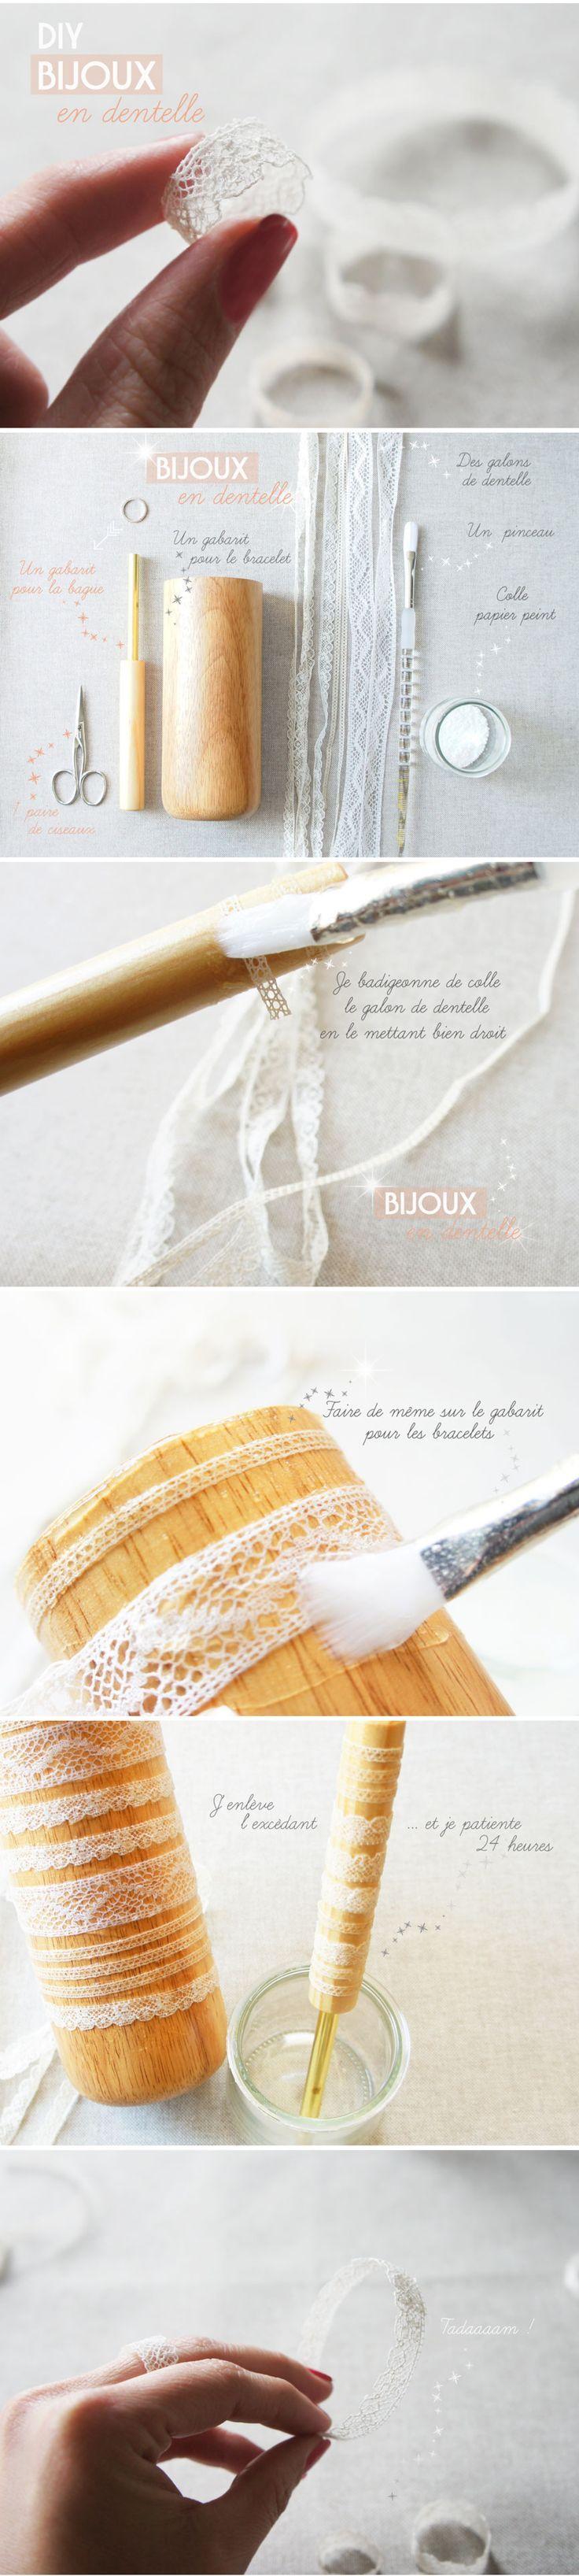 Blog MYLS BIJOUX DENTELLE_DIY-tutoriel Diy bague et bracelet facile et rapide à réaliser: